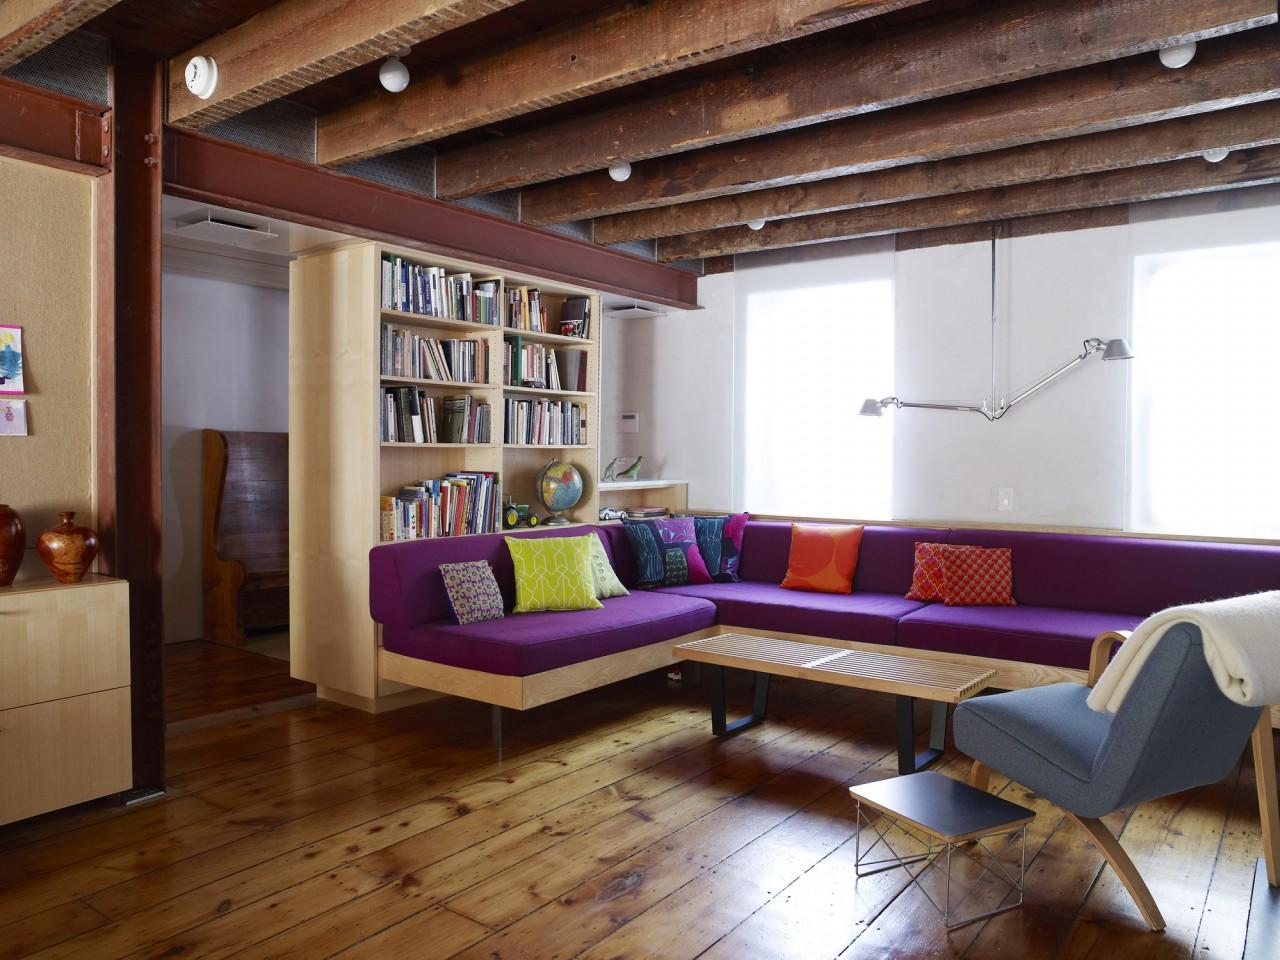 Цветовое оформление интерьера квартиры по фэн-шую для исполнения желаний